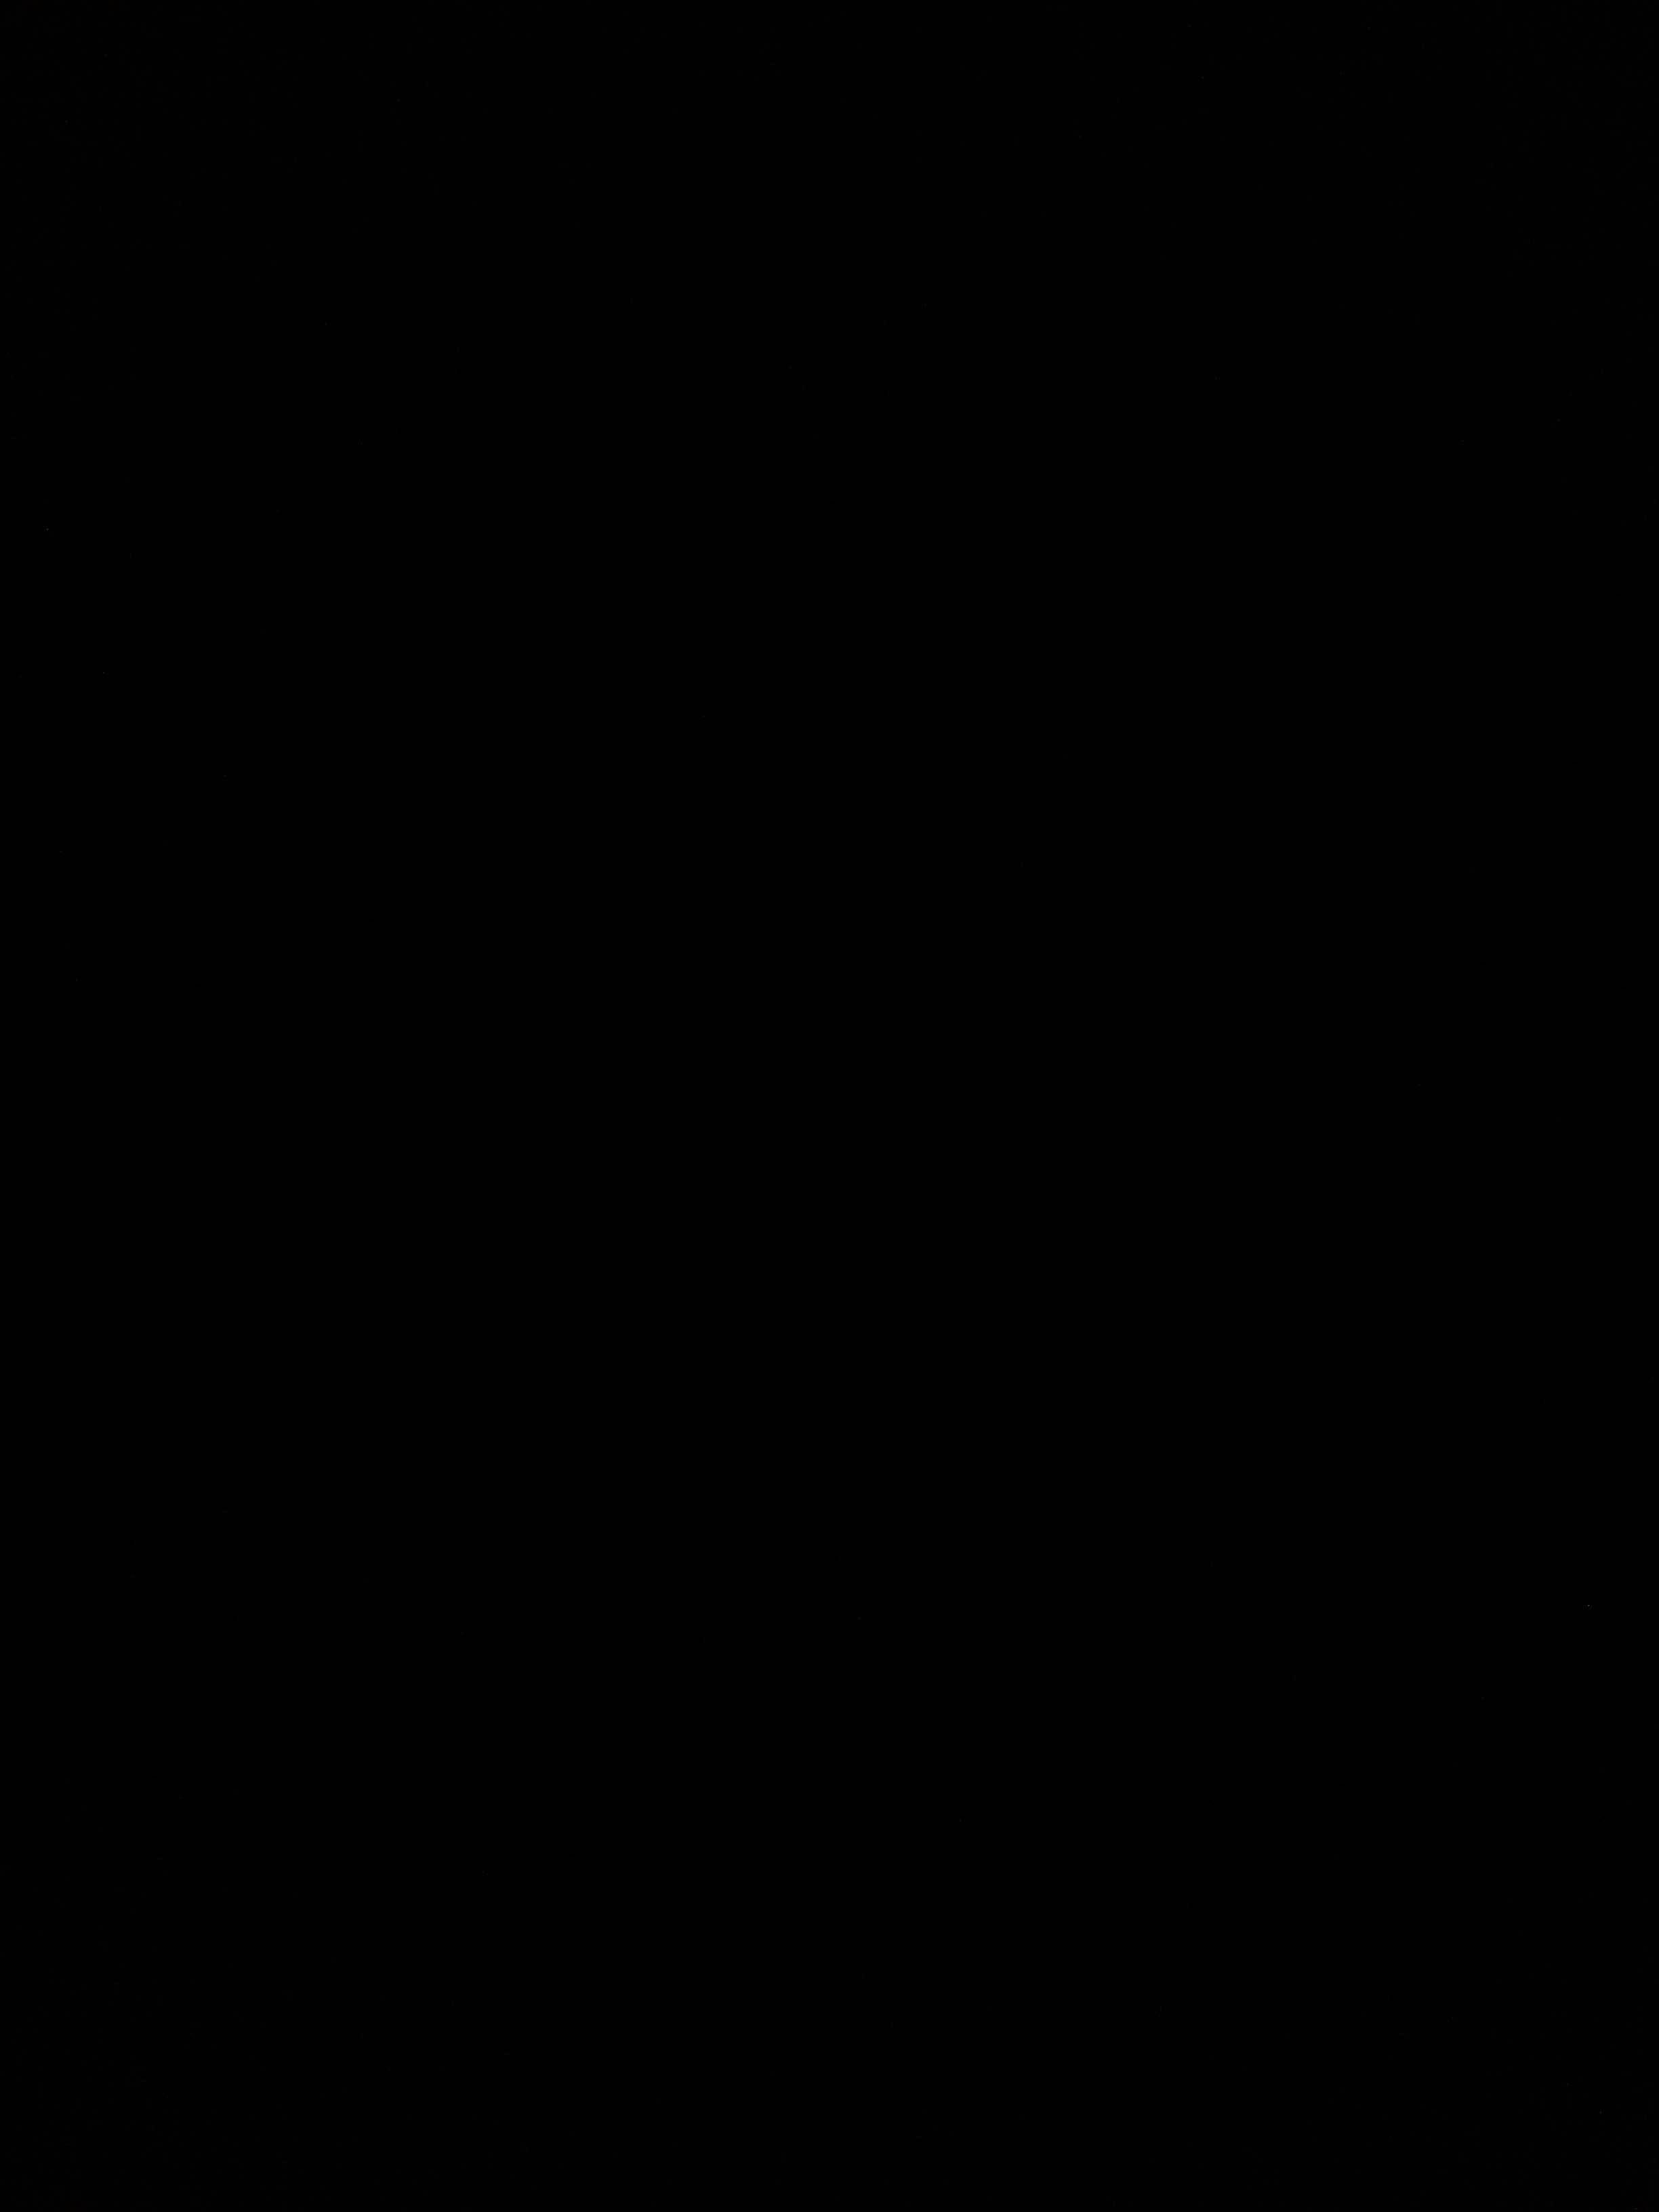 Еврокуб размеры чертеж